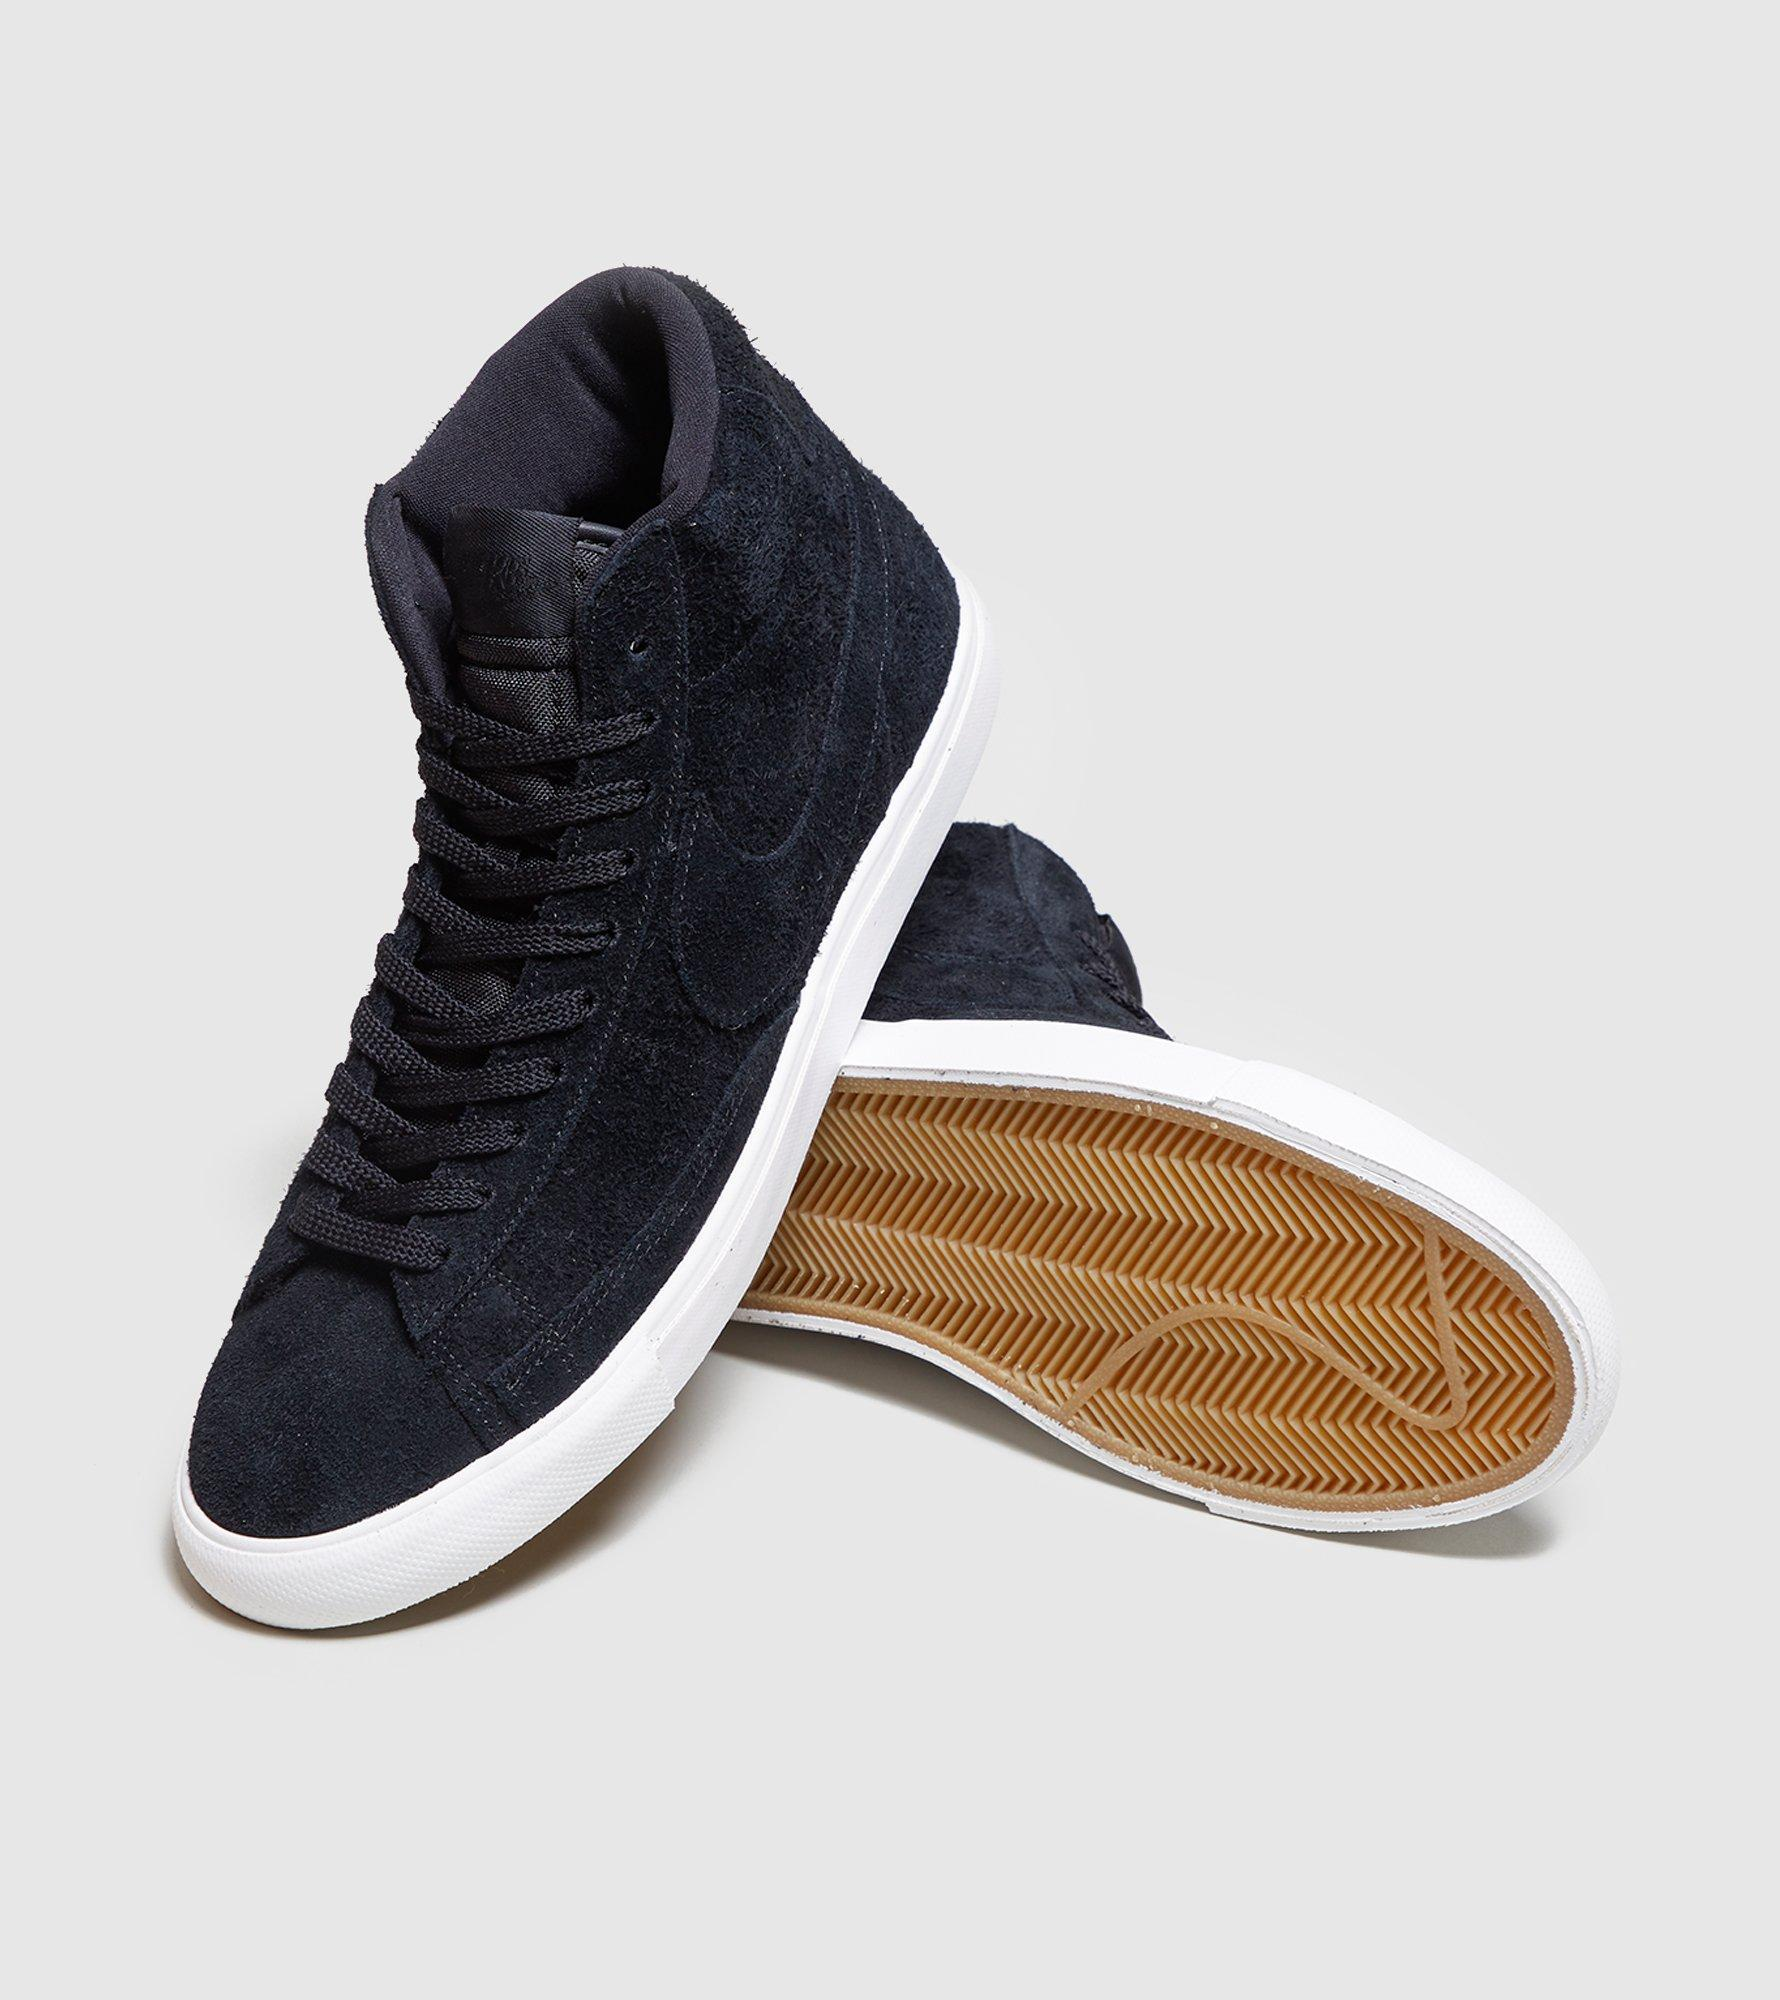 new concept 0c722 ca0af Men's Black Blazer Hi Vintage Suede